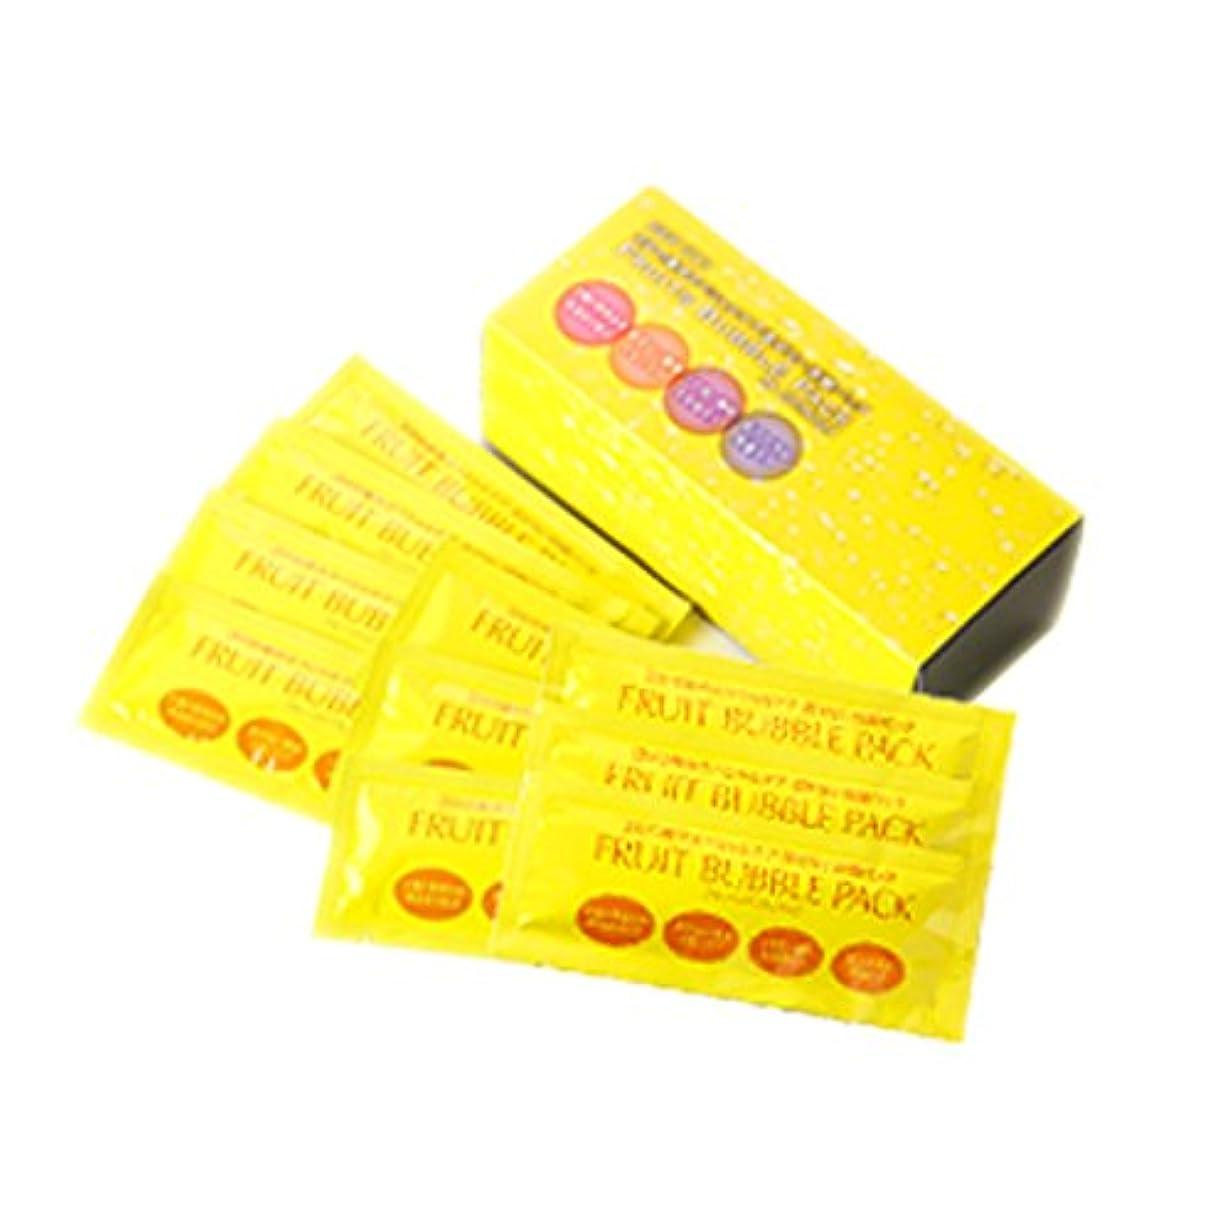 優越実験室解釈するフルーツ泡パック 1箱10袋